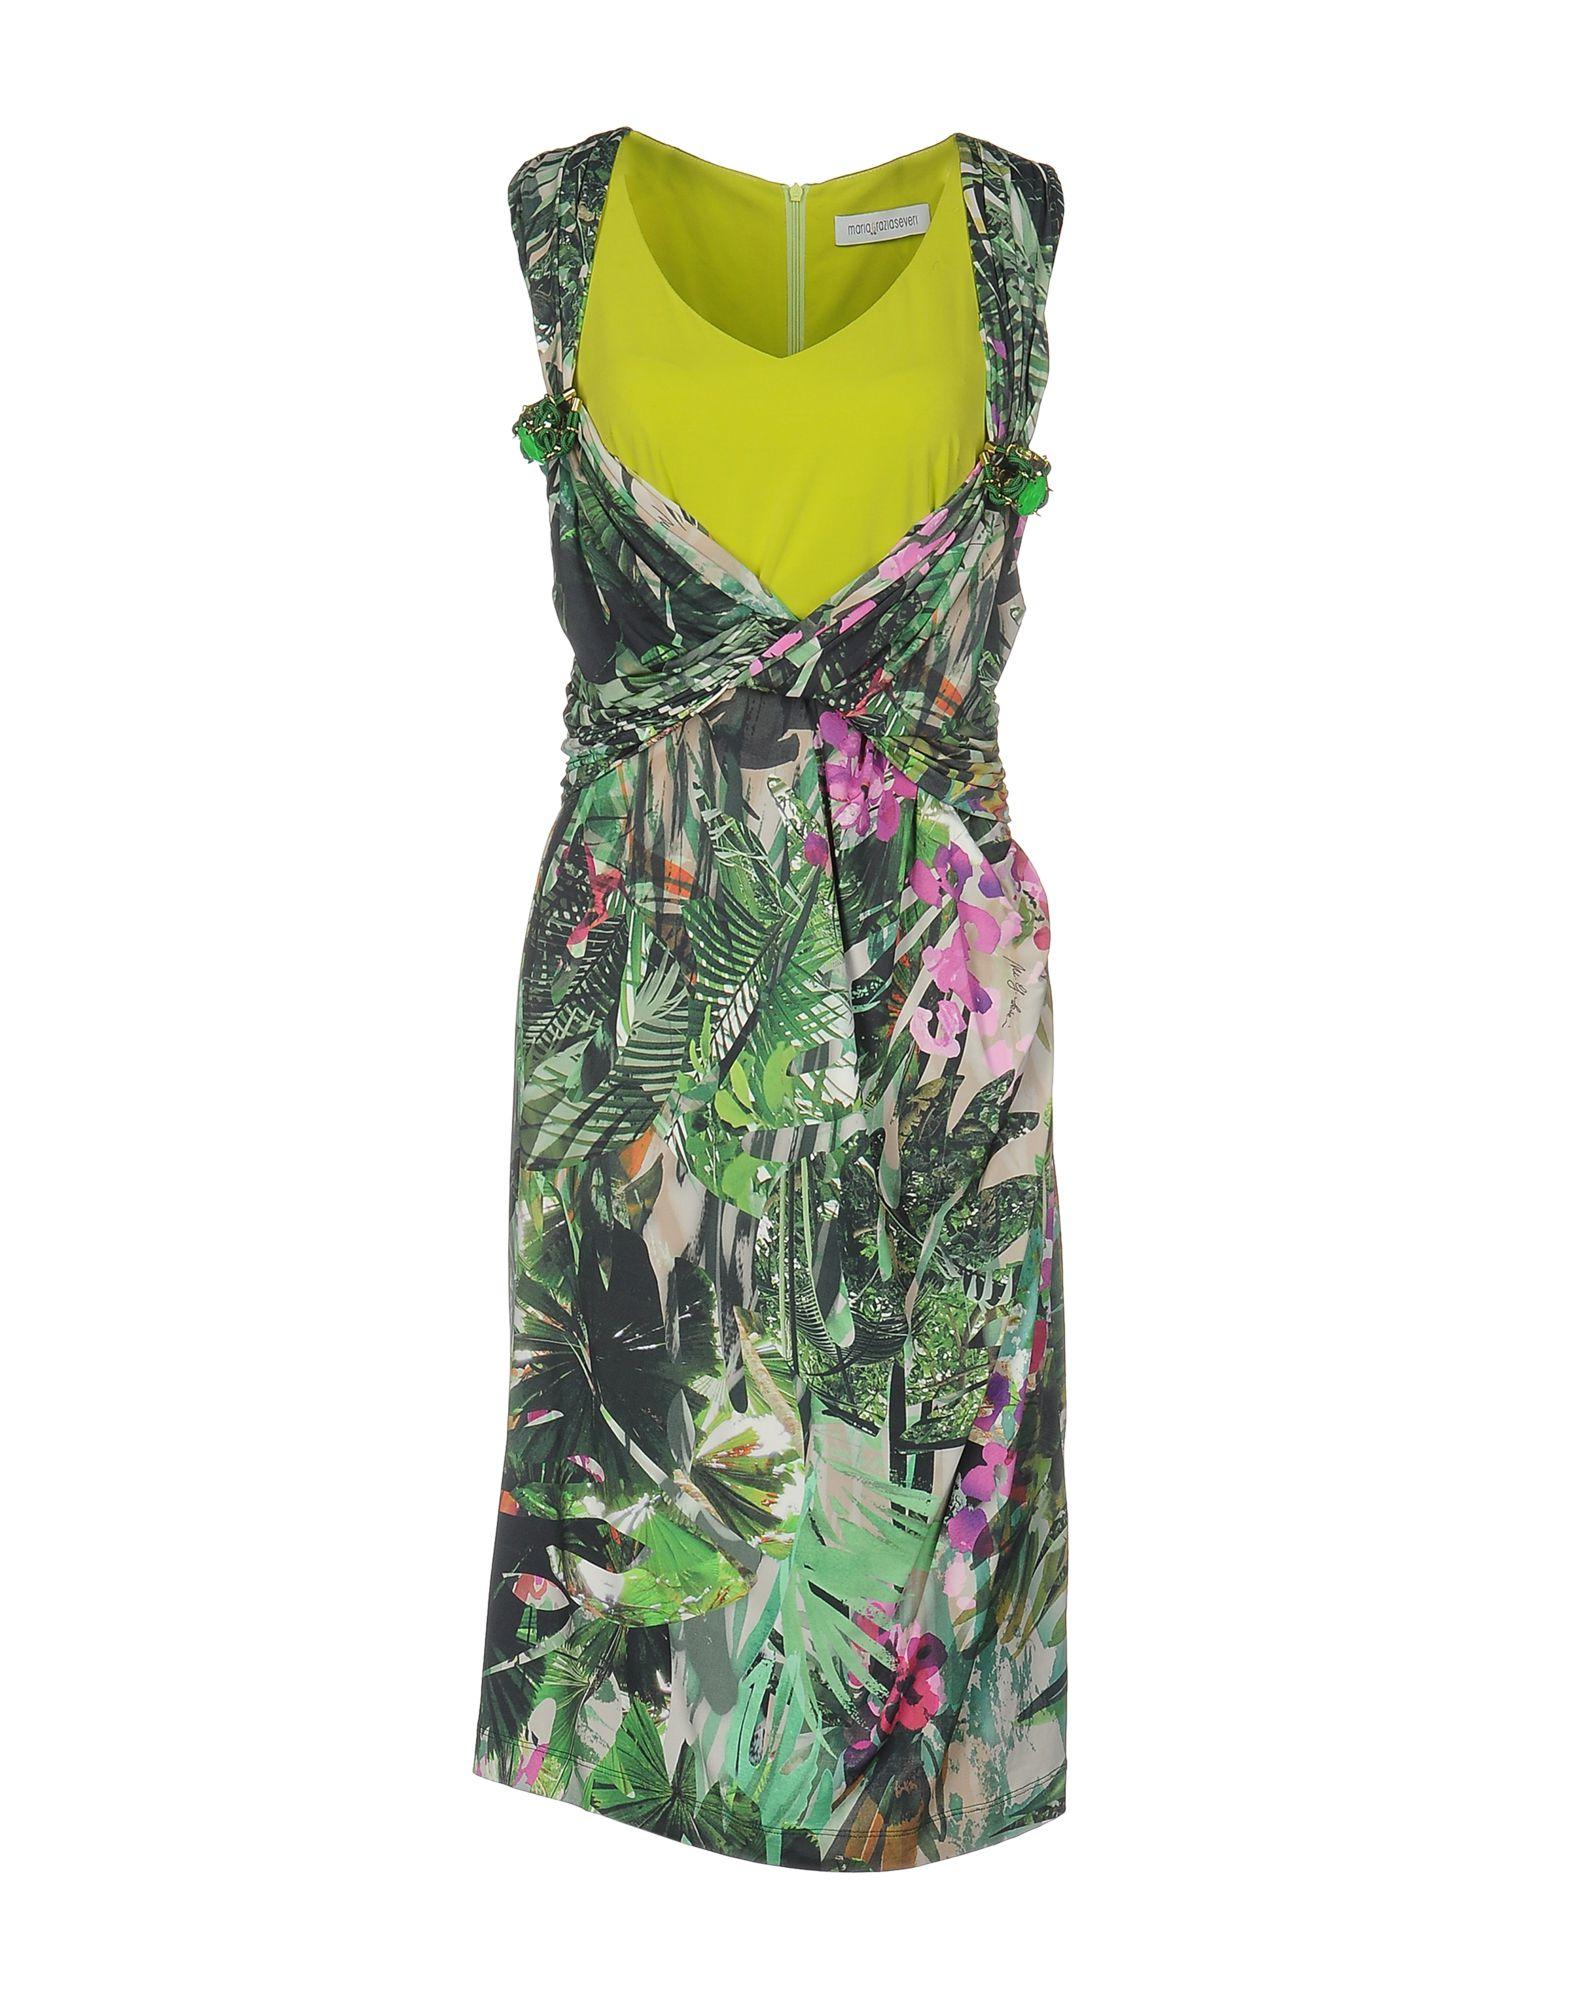 MARIA GRAZIA SEVERI Damen Knielanges Kleid Farbe Grün Größe 6